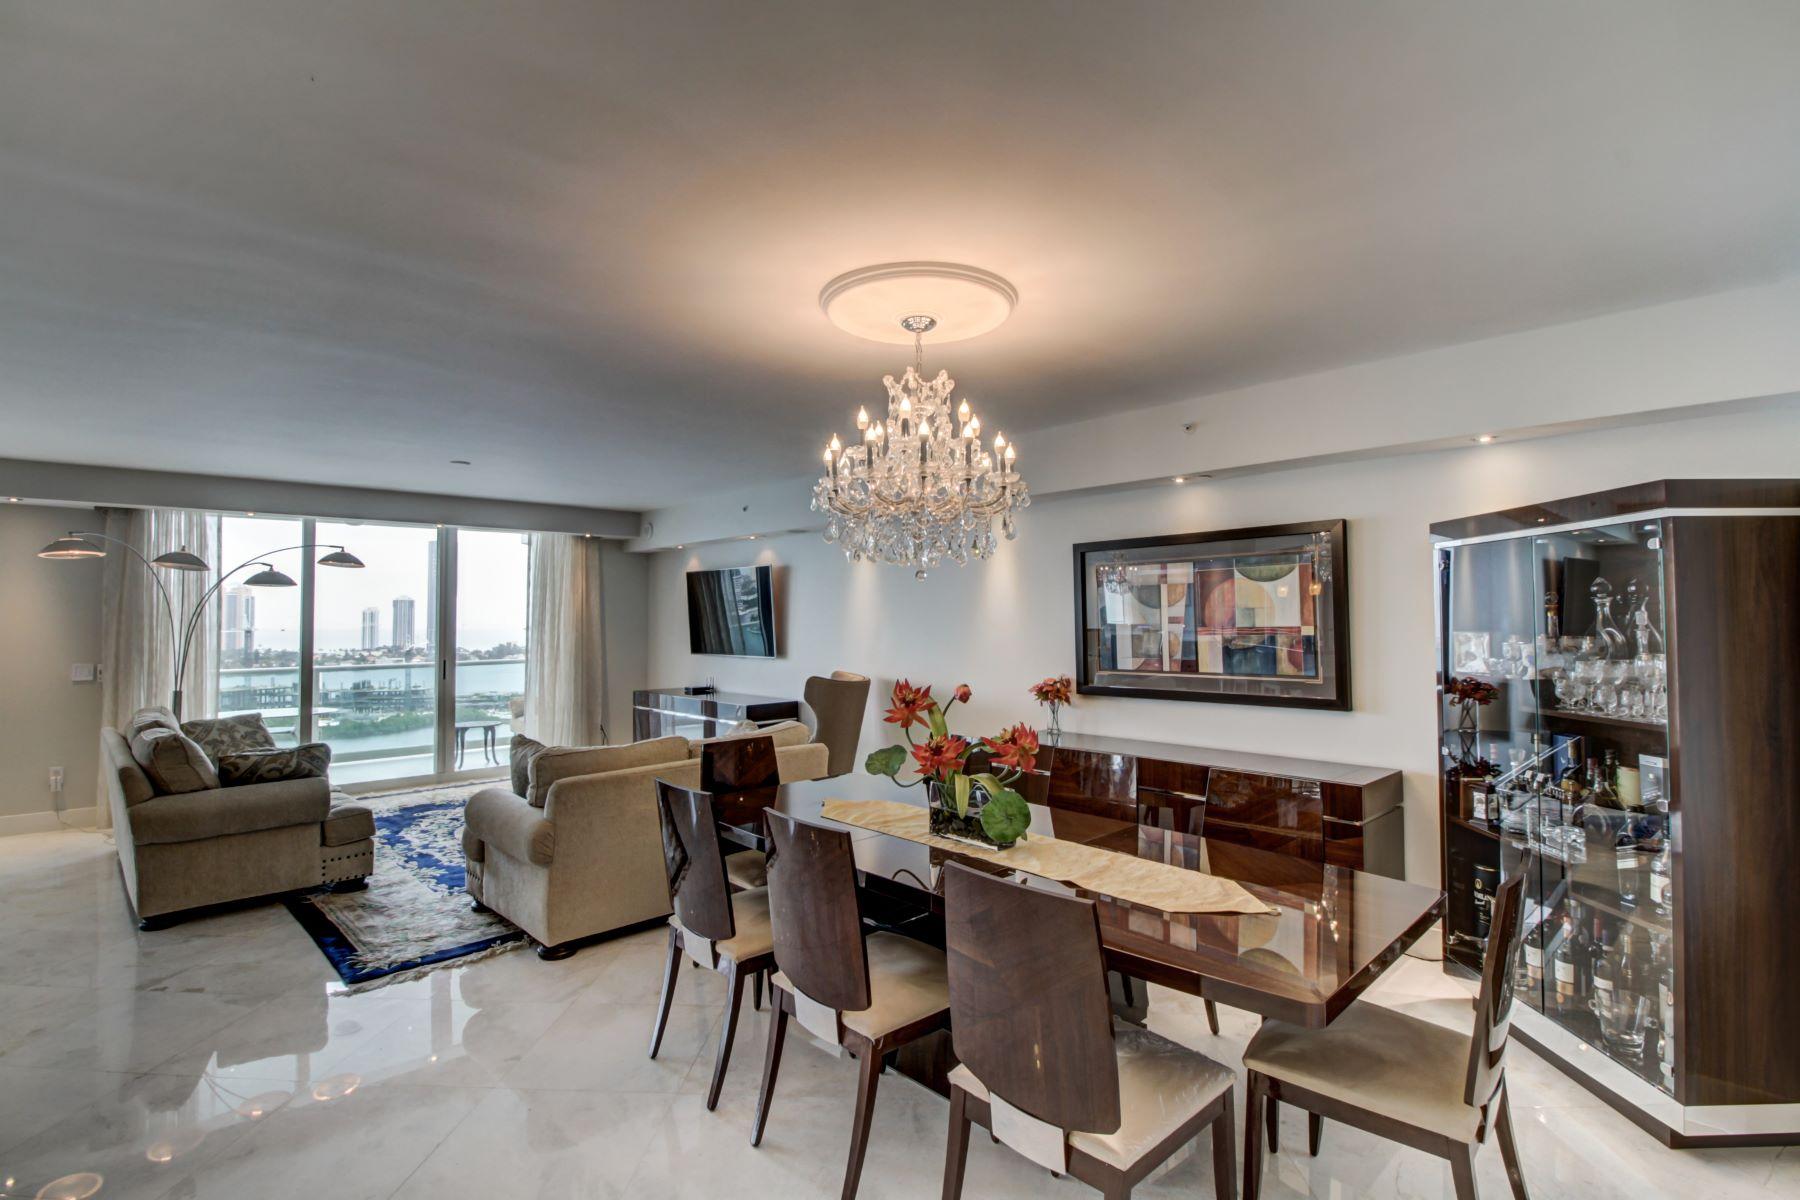 Condominium for Rent at 3301 Ne 183rd St #2003 3301 Ne 183rd St 2003 Aventura, Florida 33160 United States